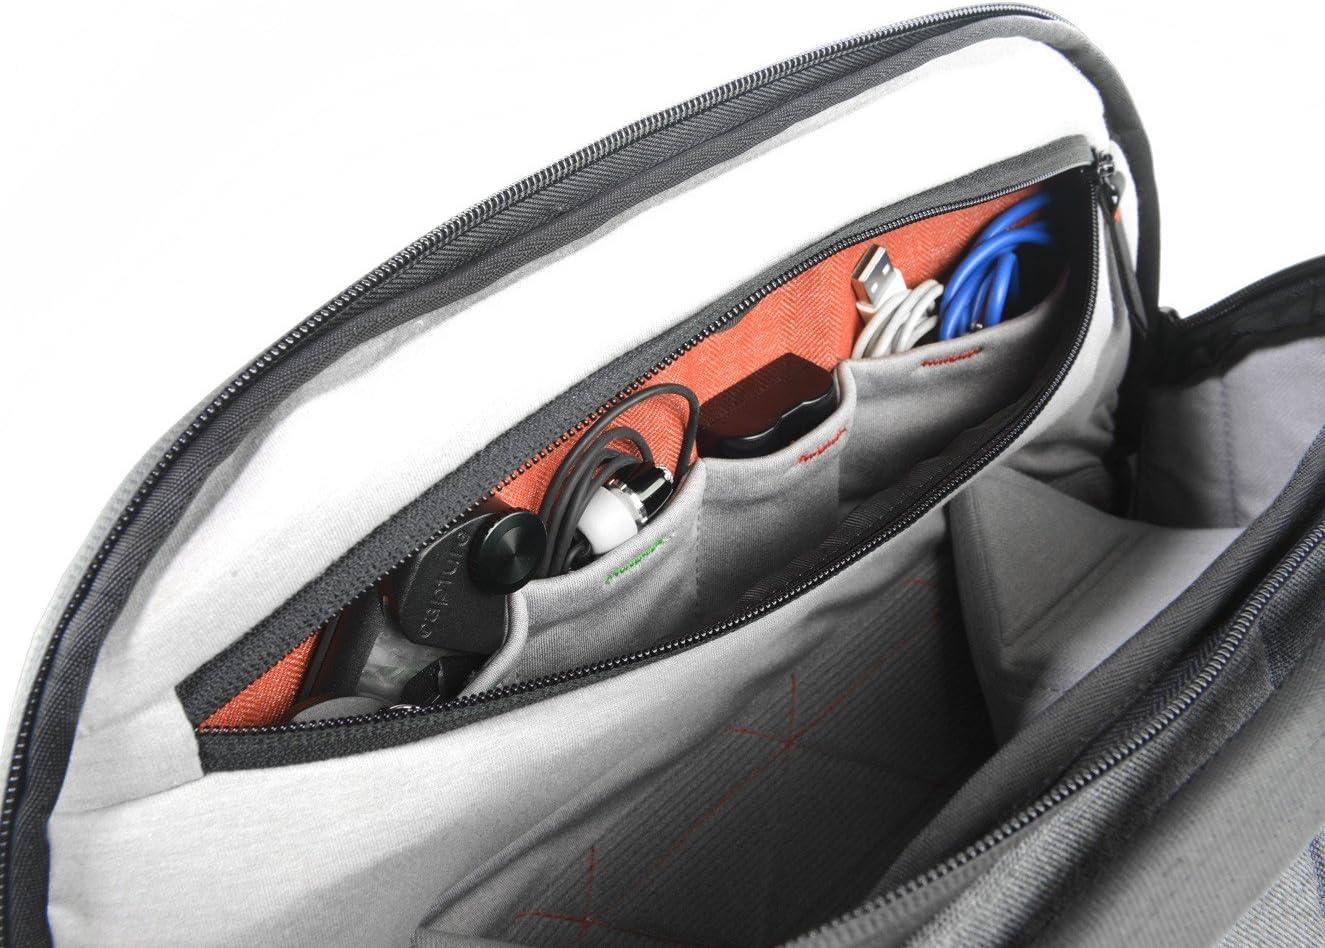 Peak Design Everyday Sling 10L Charcoal, Sling Case, Universal, Shoulder Strap, Notebook Compartment